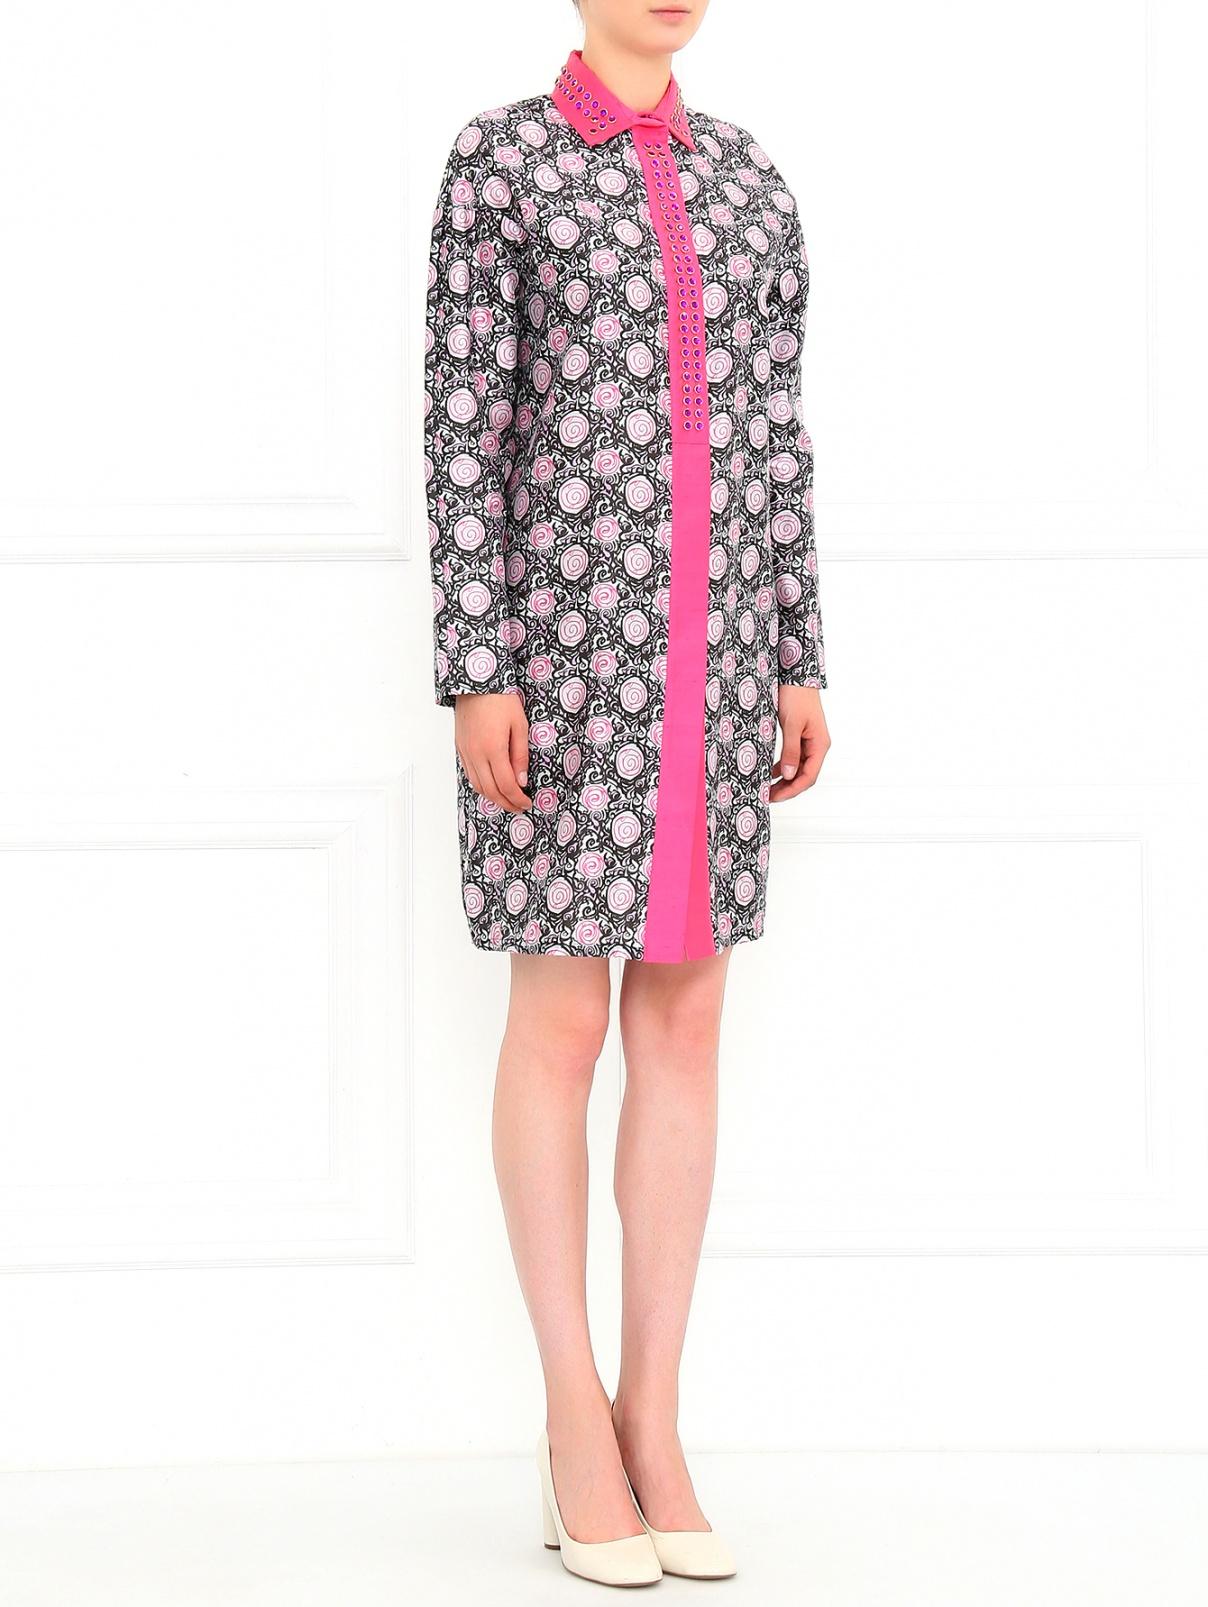 Платье из шелка с узором Au Jour Le Jour  –  Модель Общий вид  – Цвет:  Узор